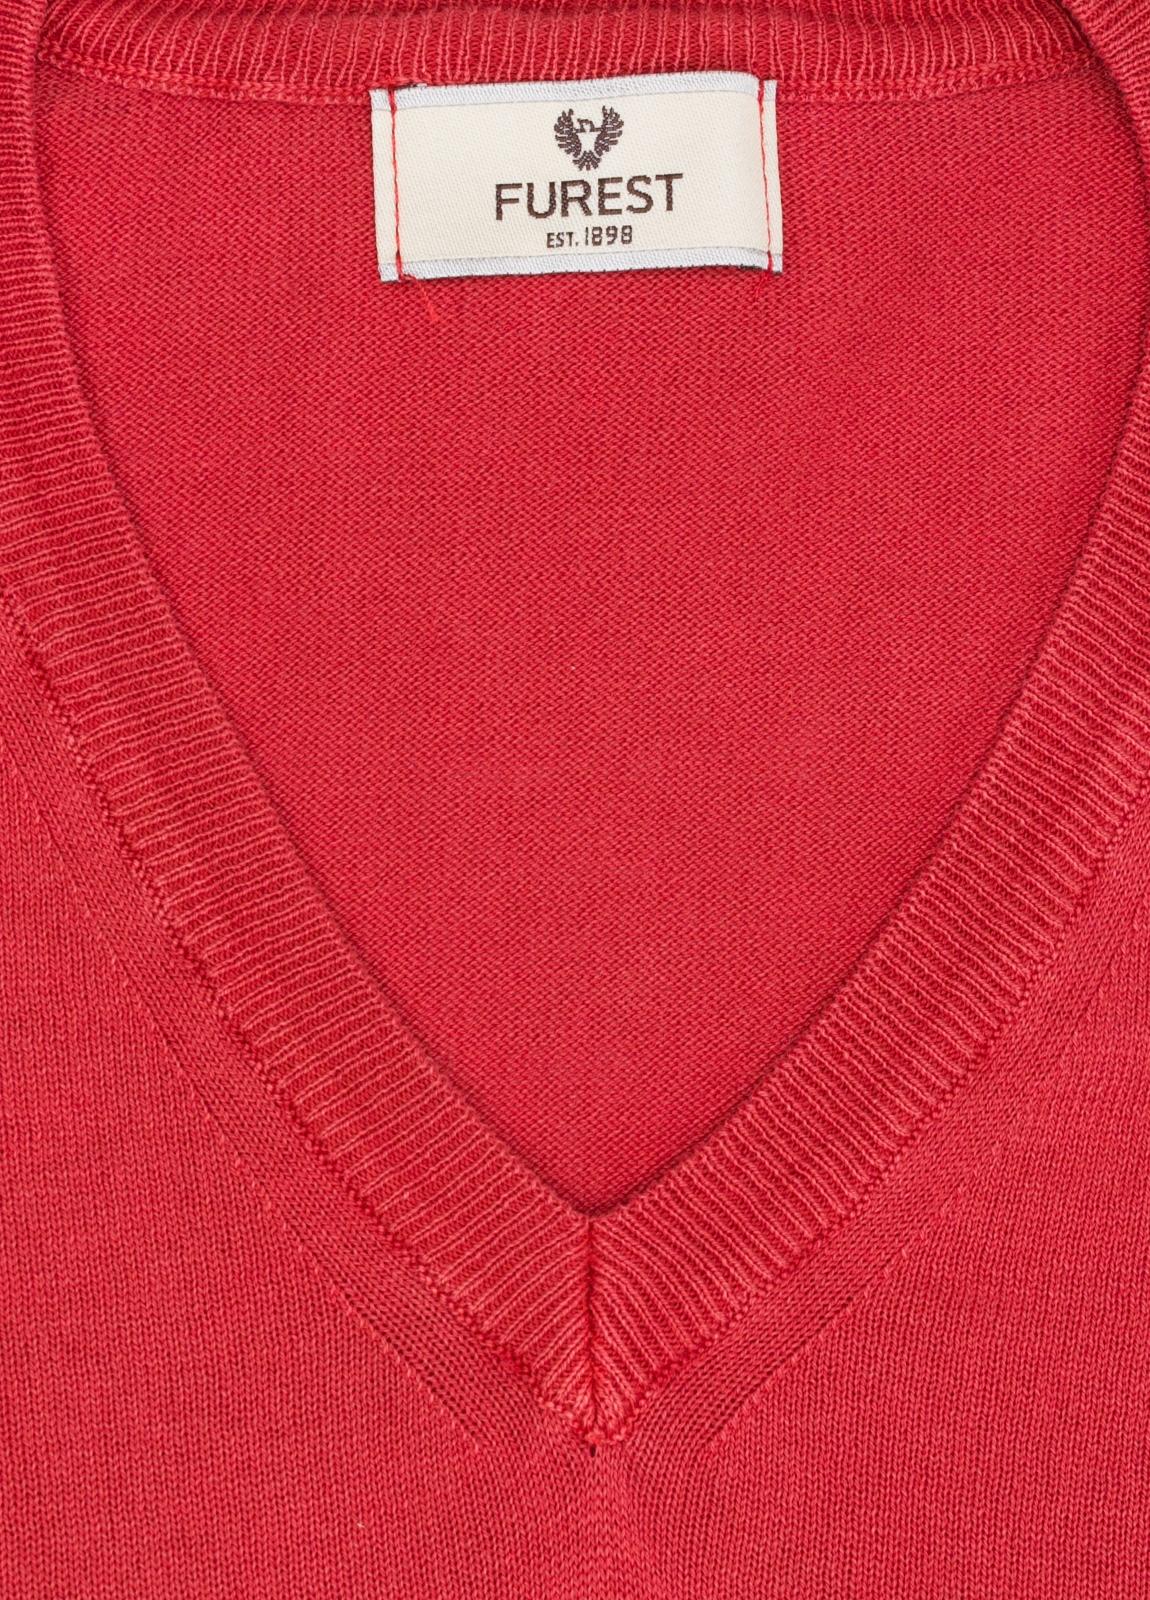 Jersey cuello pico color rojo, 100% Algodón. - Ítem1